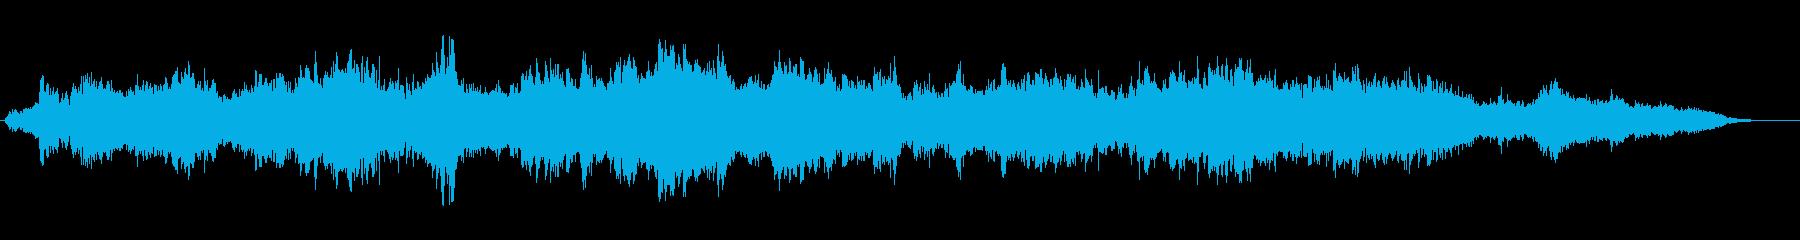 インド風怪しげBGMの再生済みの波形